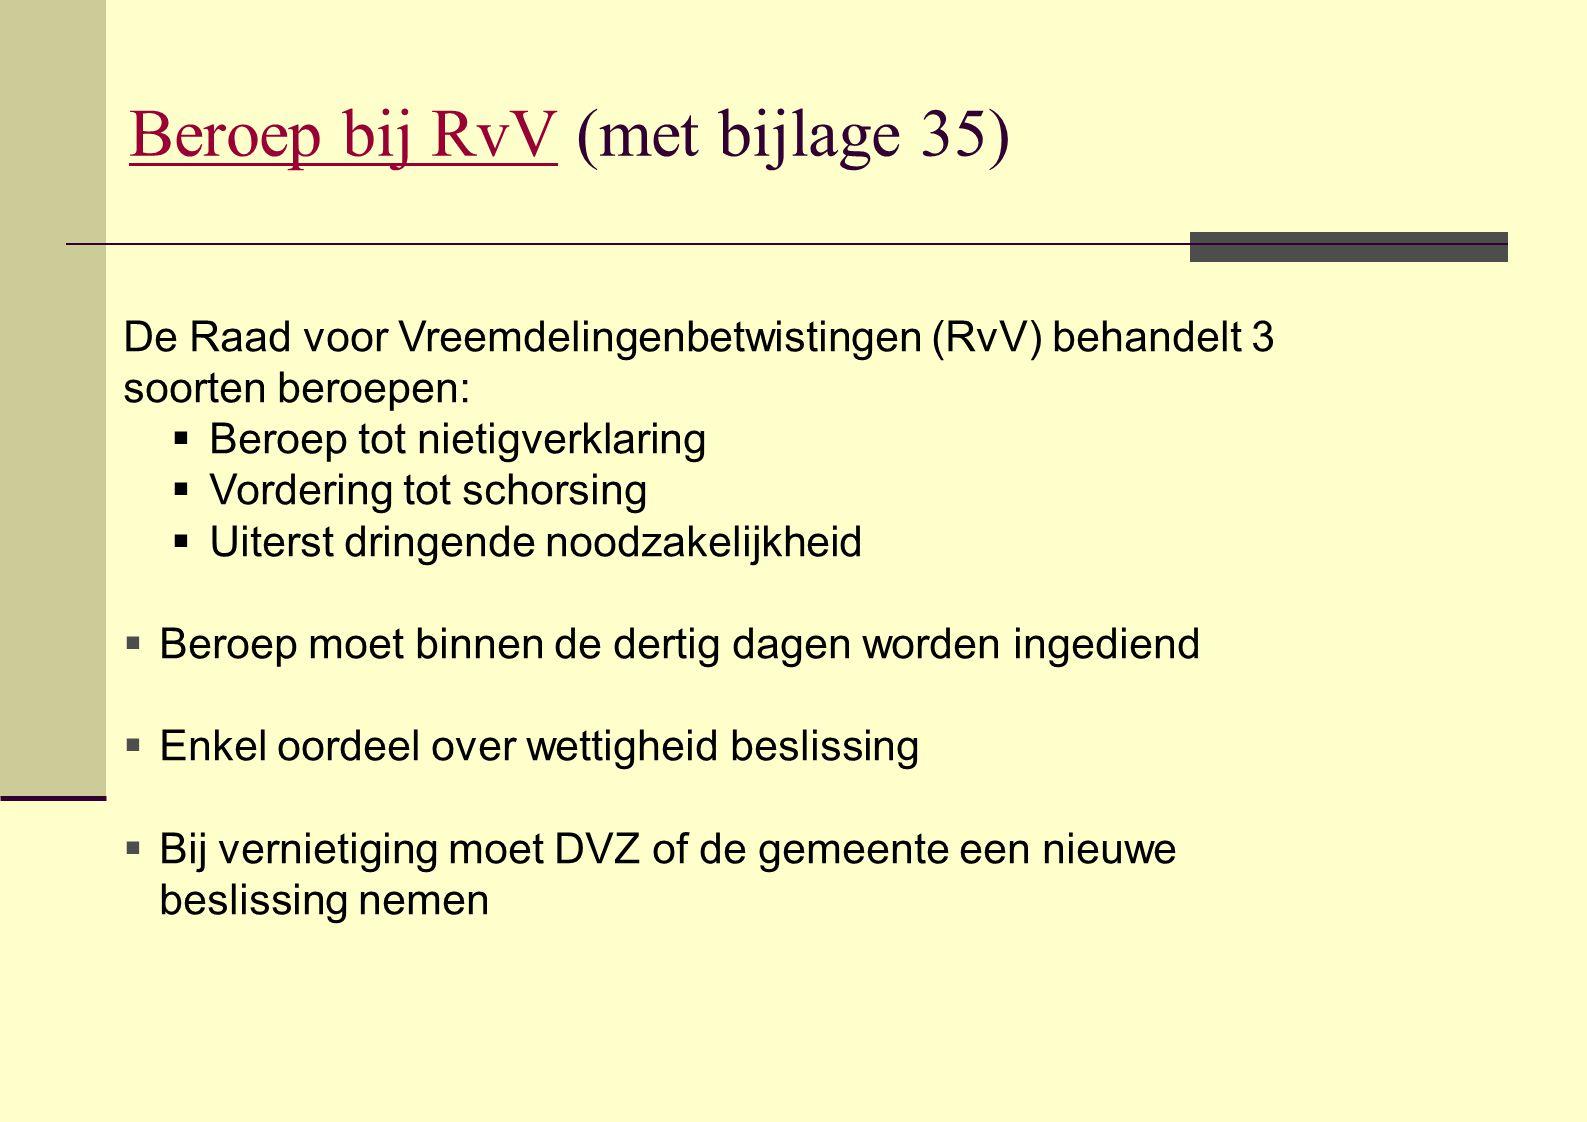 Beroep bij RvV (met bijlage 35)